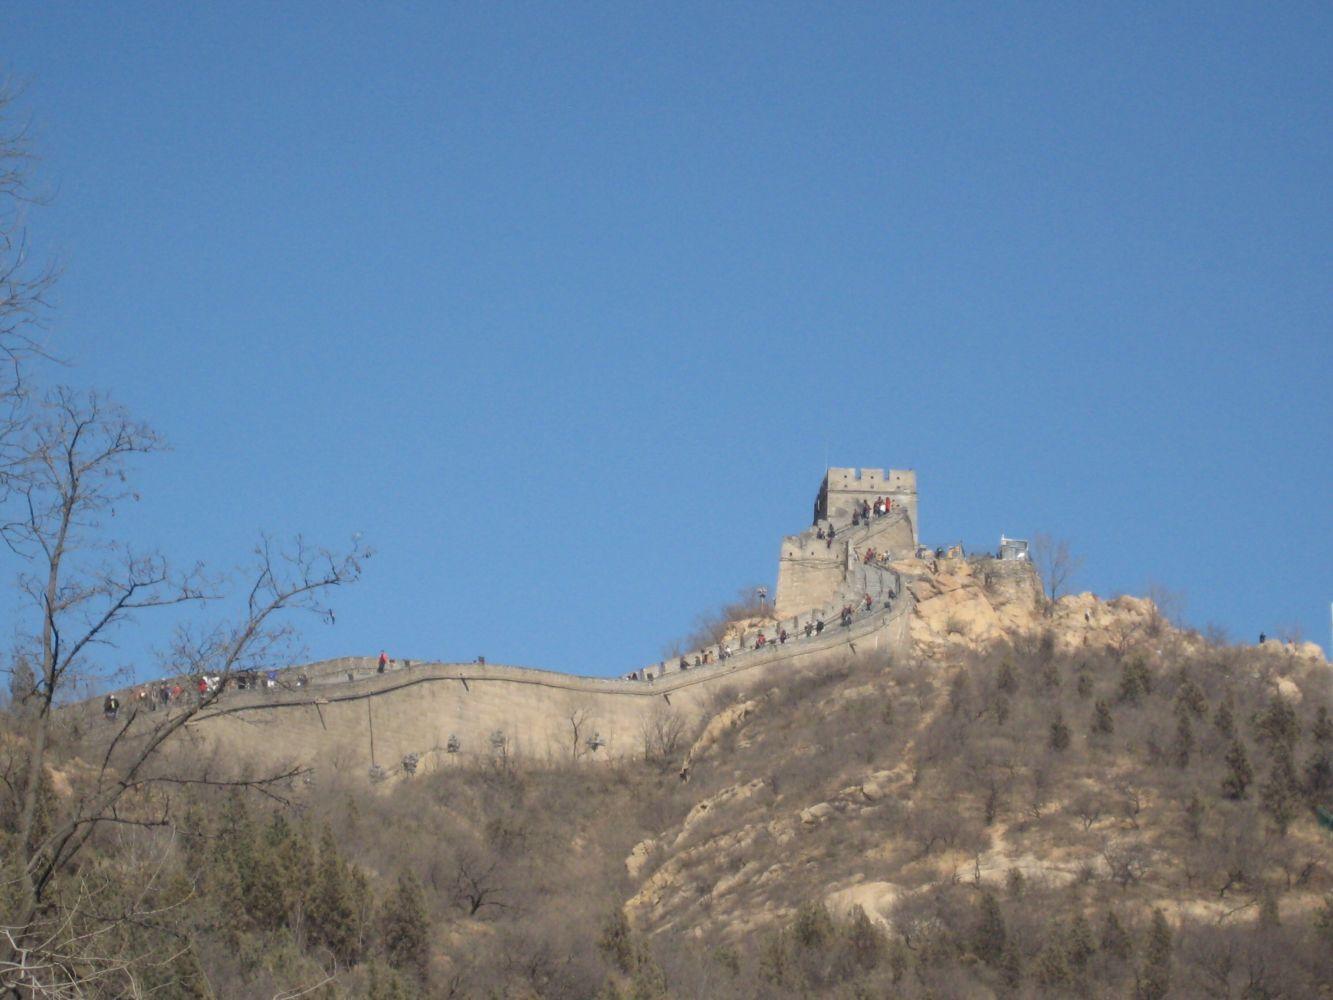 hvor lang er den kinesiske mur